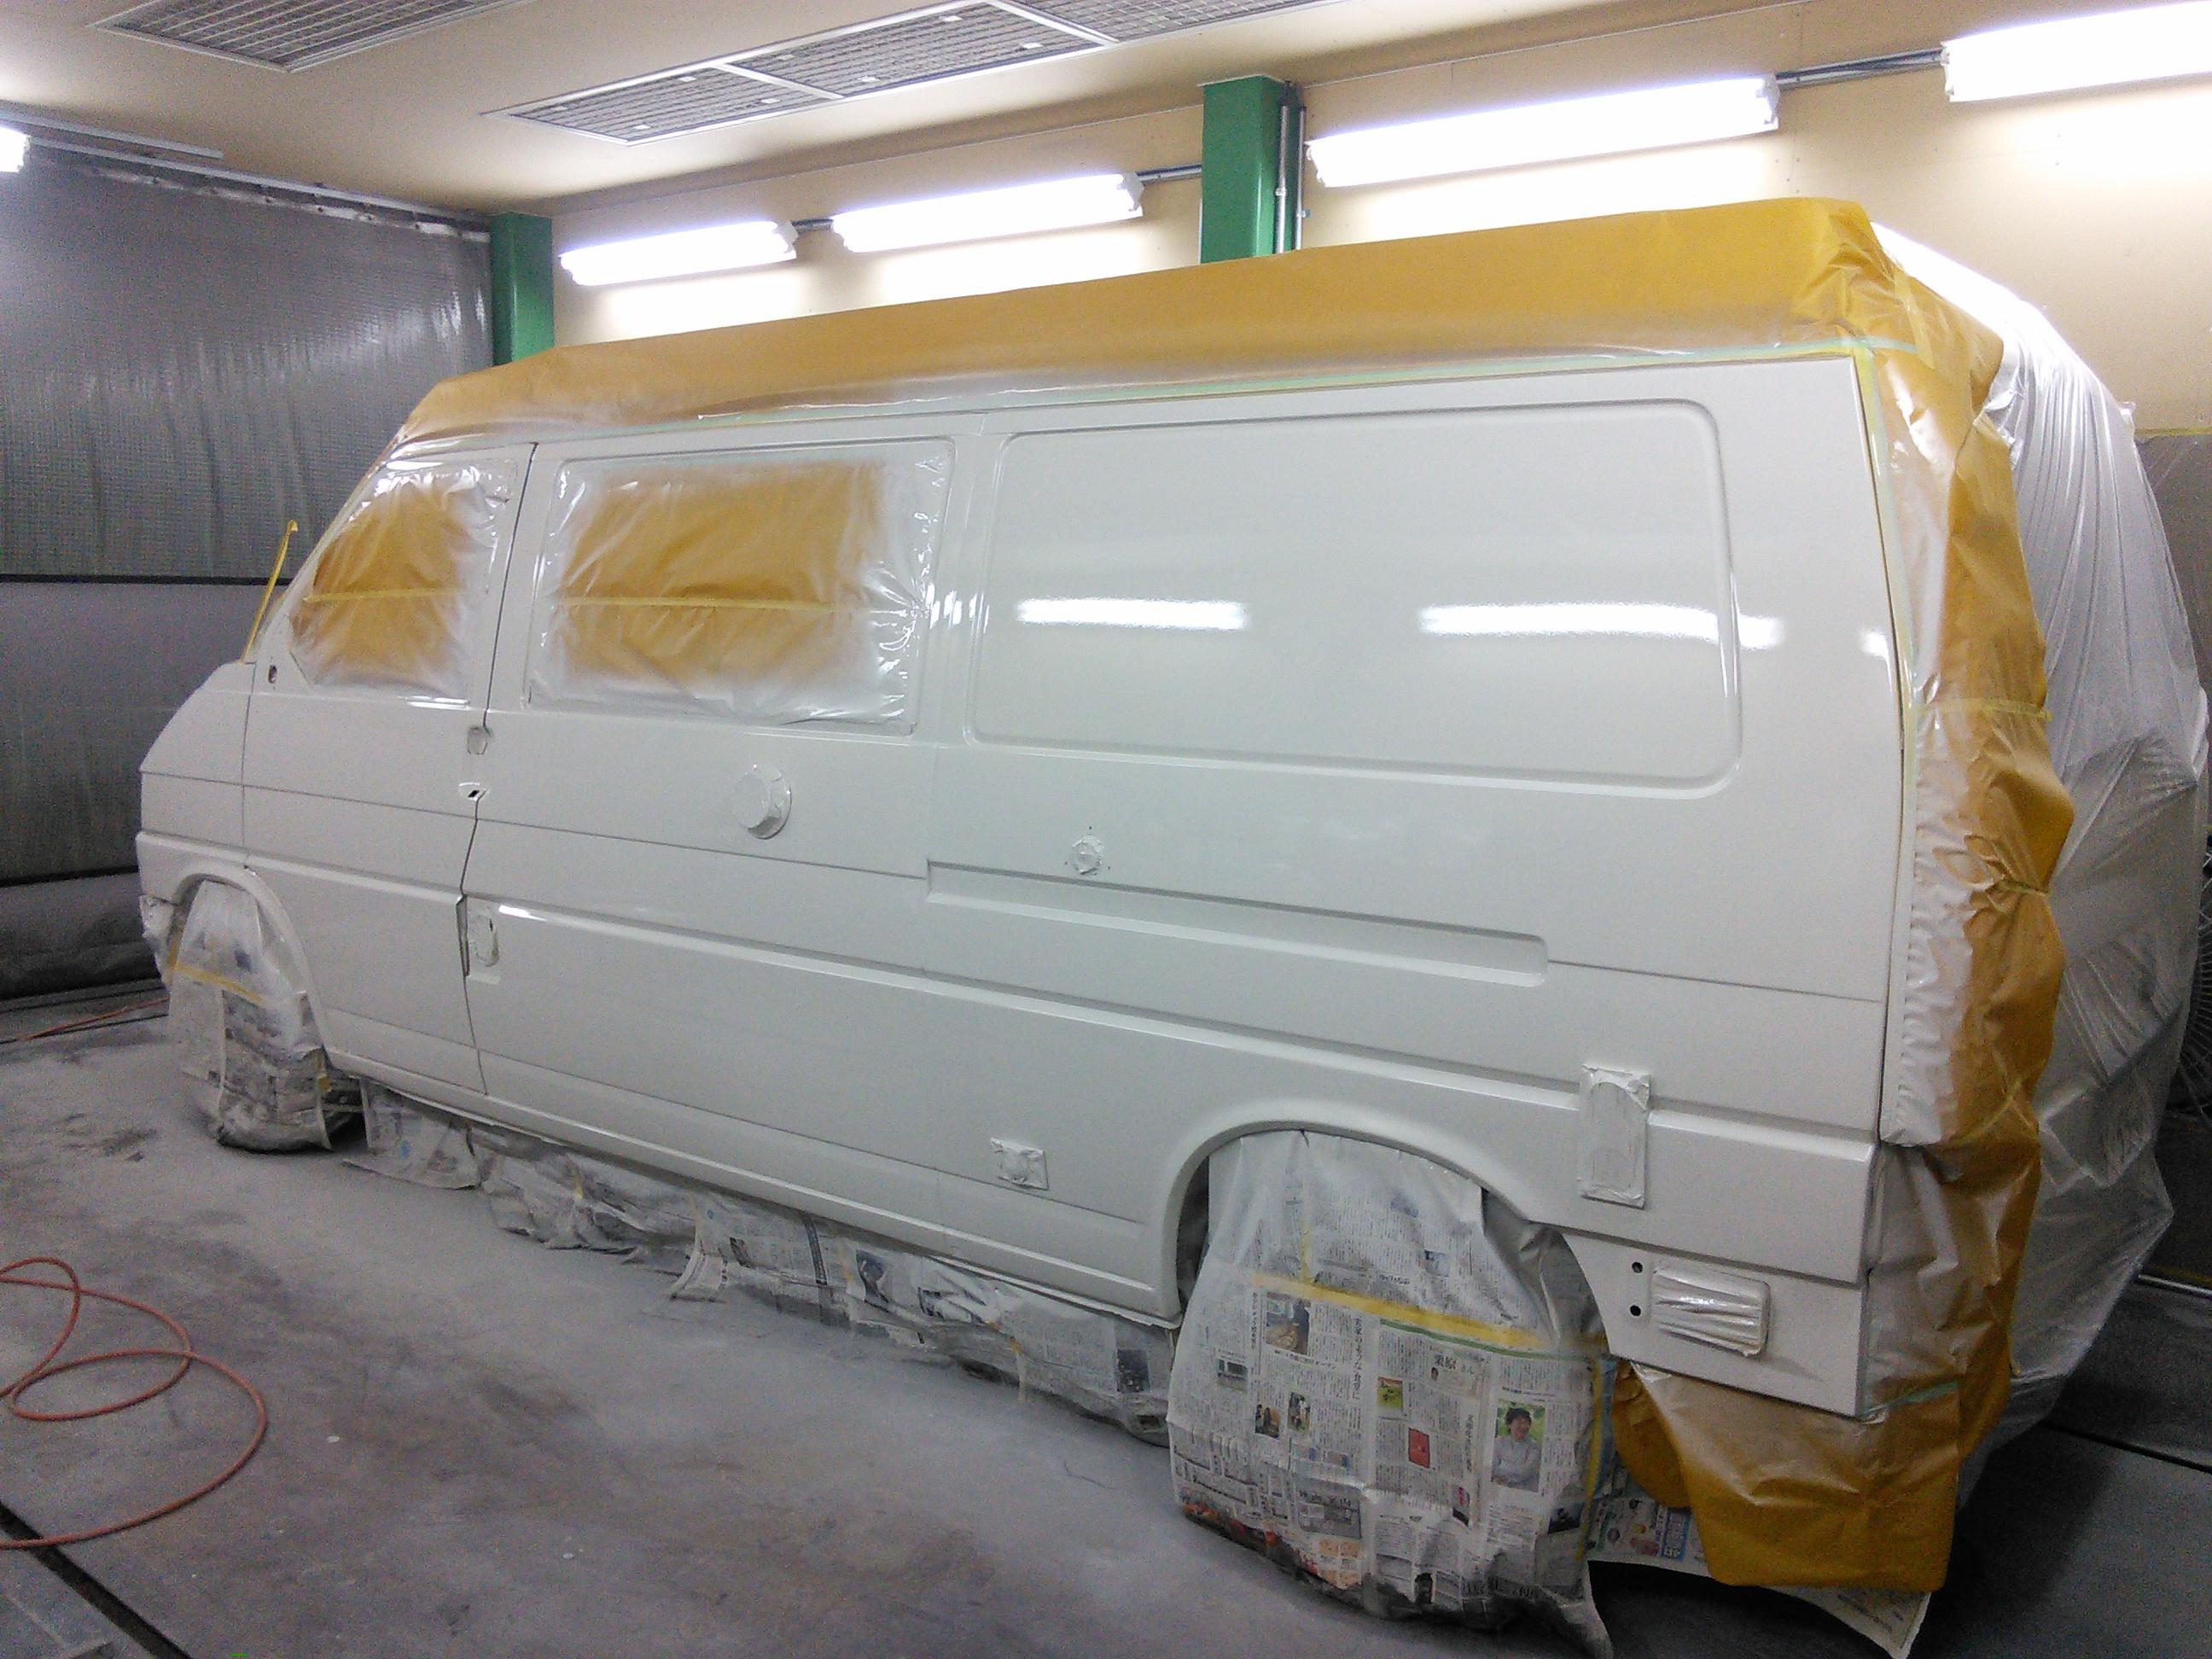 ワーゲン ヴァナゴン キャンピングカー 左側面修理 トラブルいろいろ(;^ω^)   豊田市  板金塗装